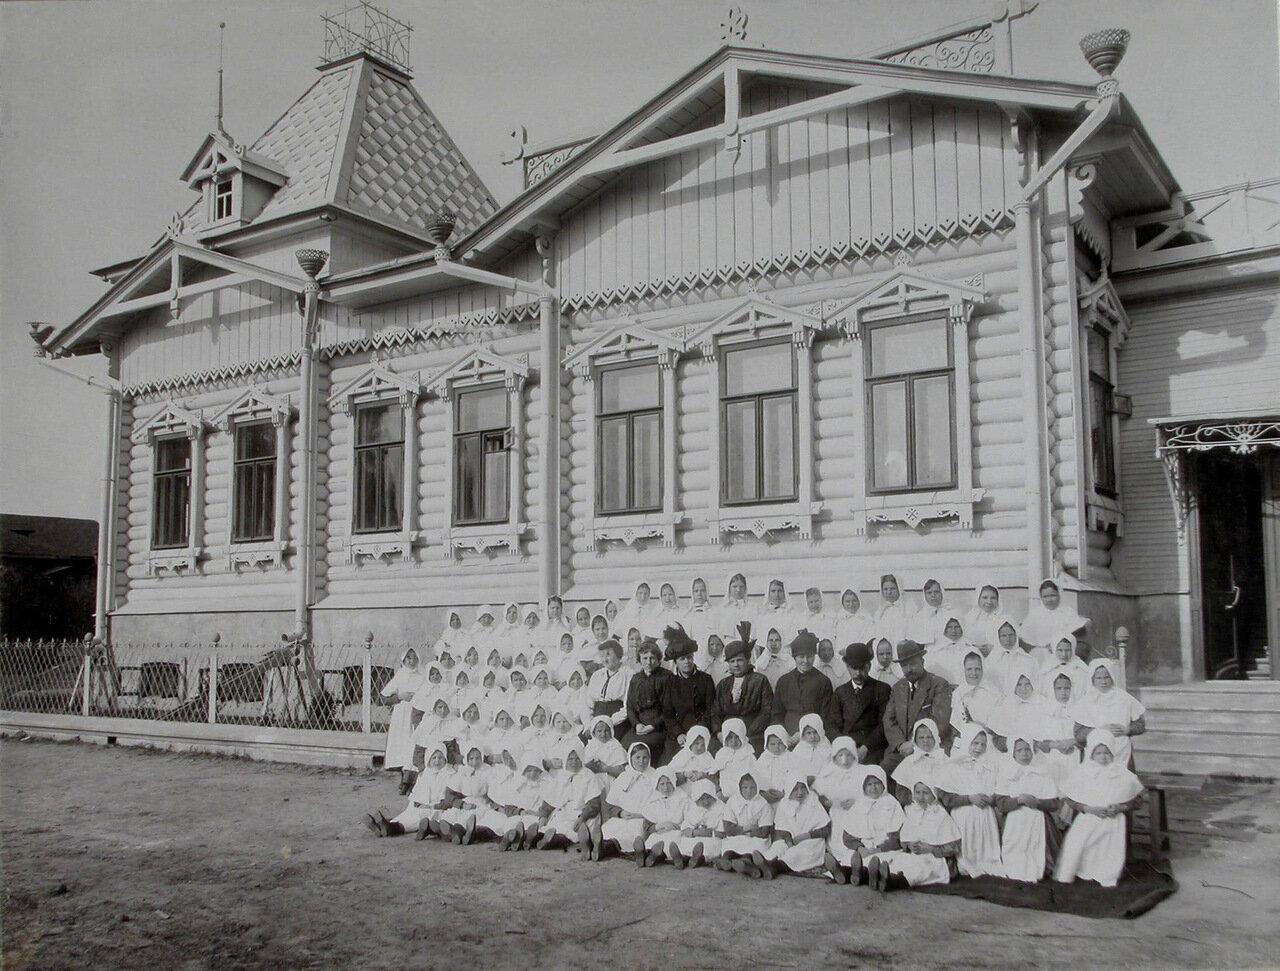 01. Группа воспитателей и воспитанников колонии у одного из зданий